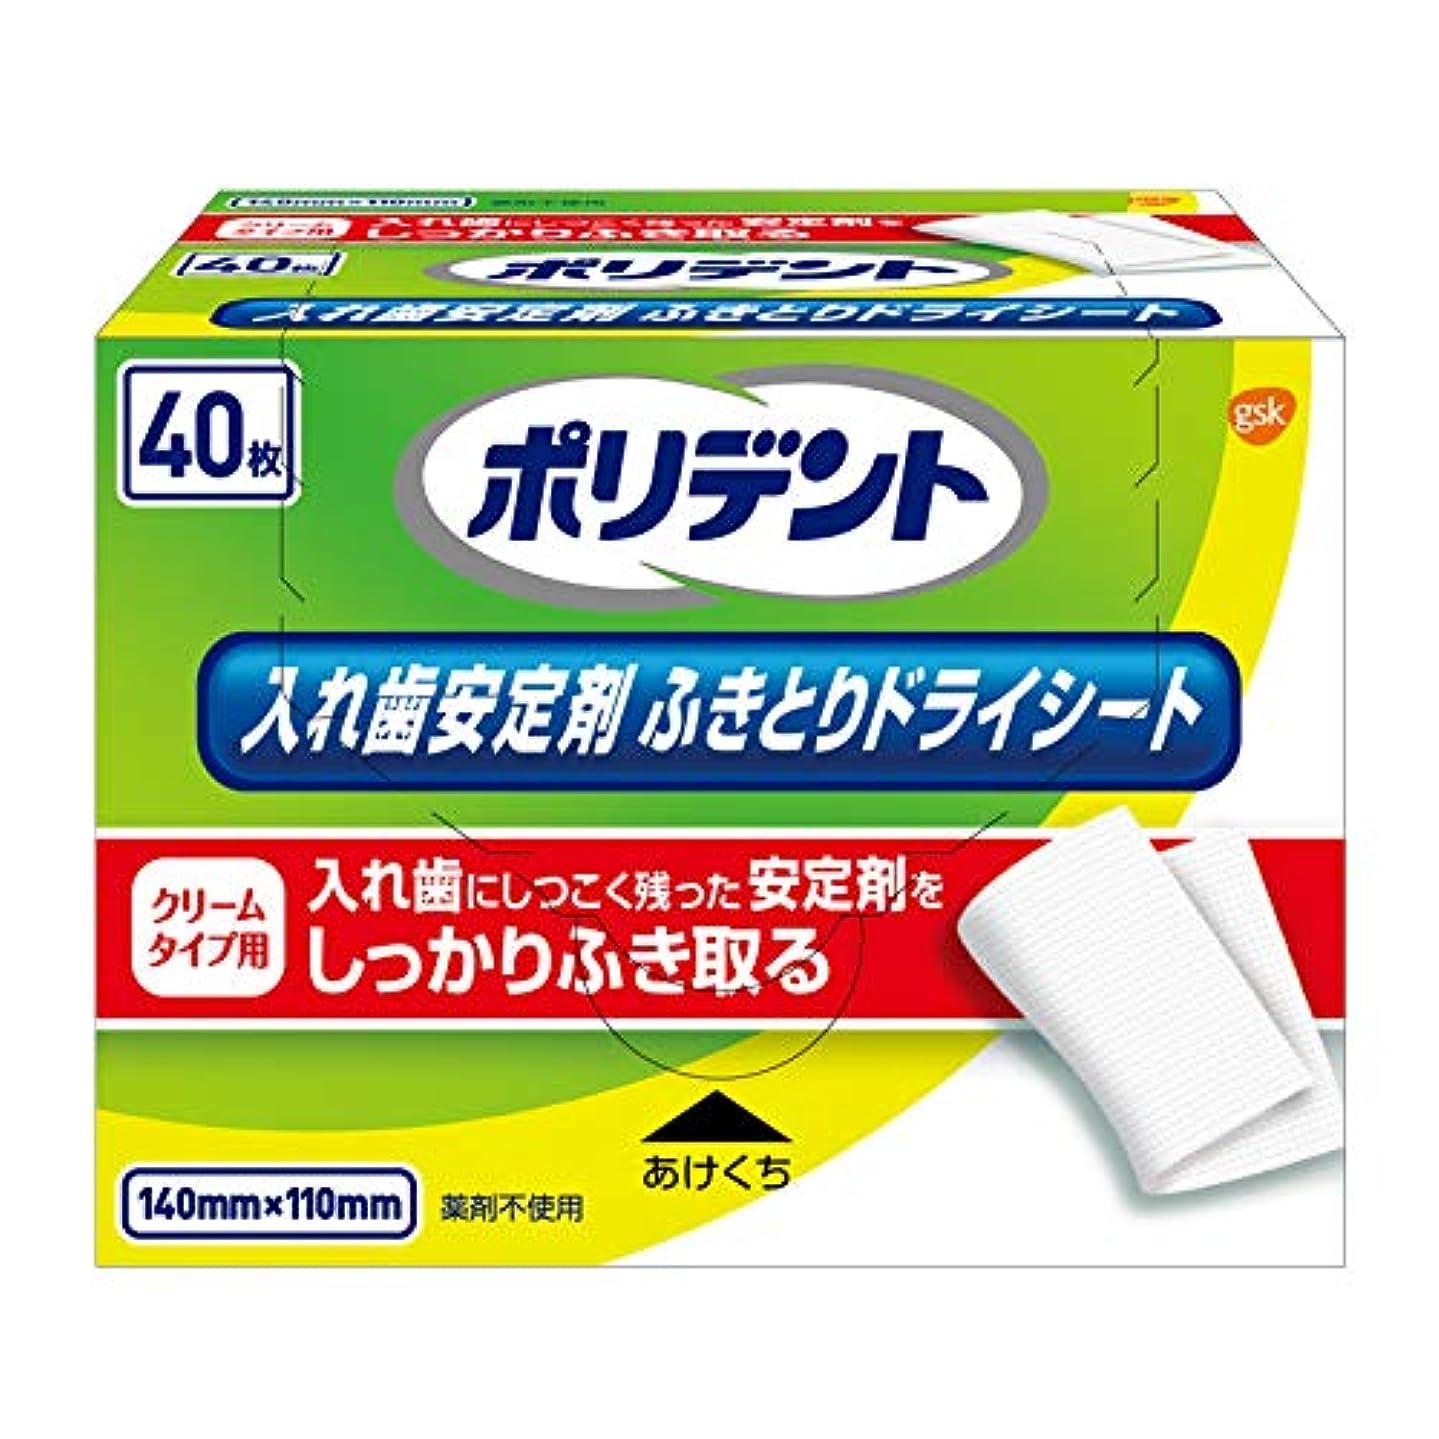 方程式恥ずかしさ失望させるポリデント 入れ歯安定剤ふきとりドライシート 40枚